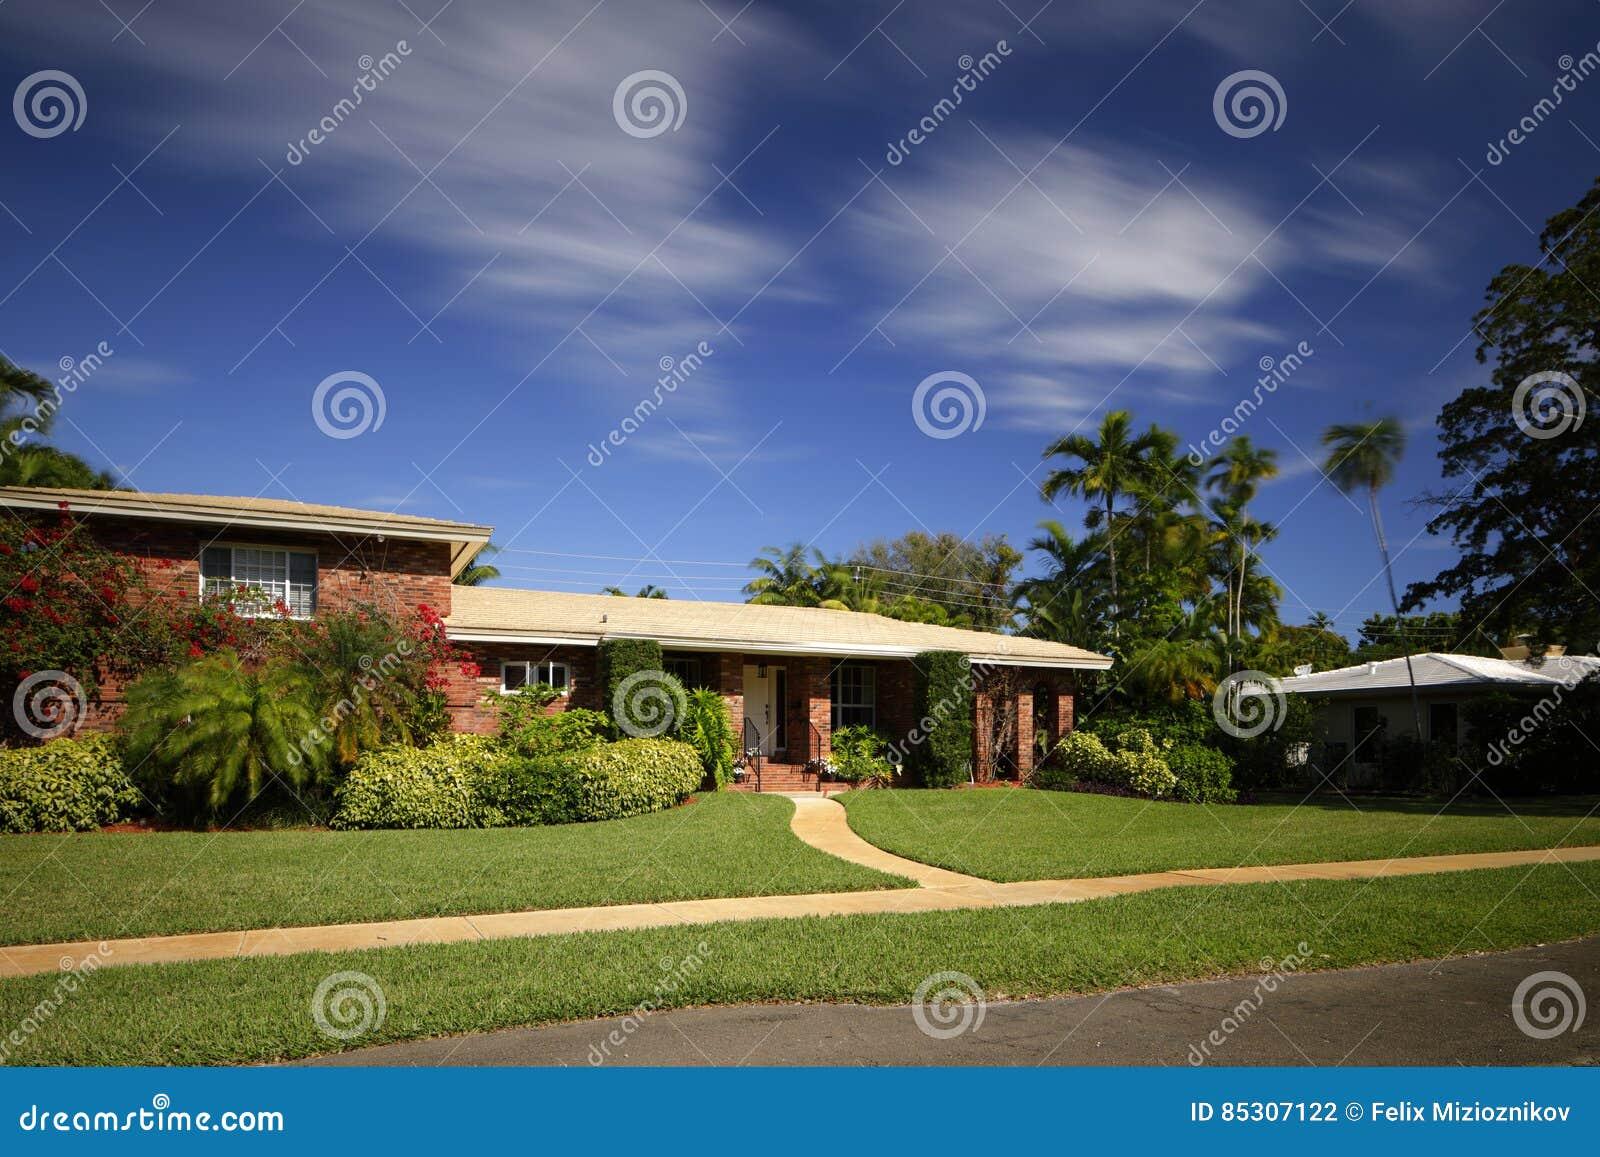 maison 1950 unifamiliale de style du s en floride photo stock image 85307122. Black Bedroom Furniture Sets. Home Design Ideas